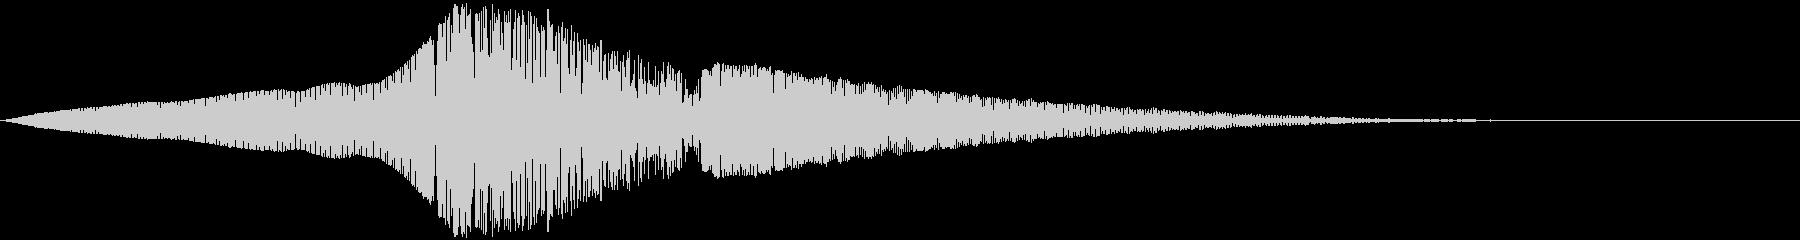 【SF演出】移動_11 ブーン・・・・の未再生の波形